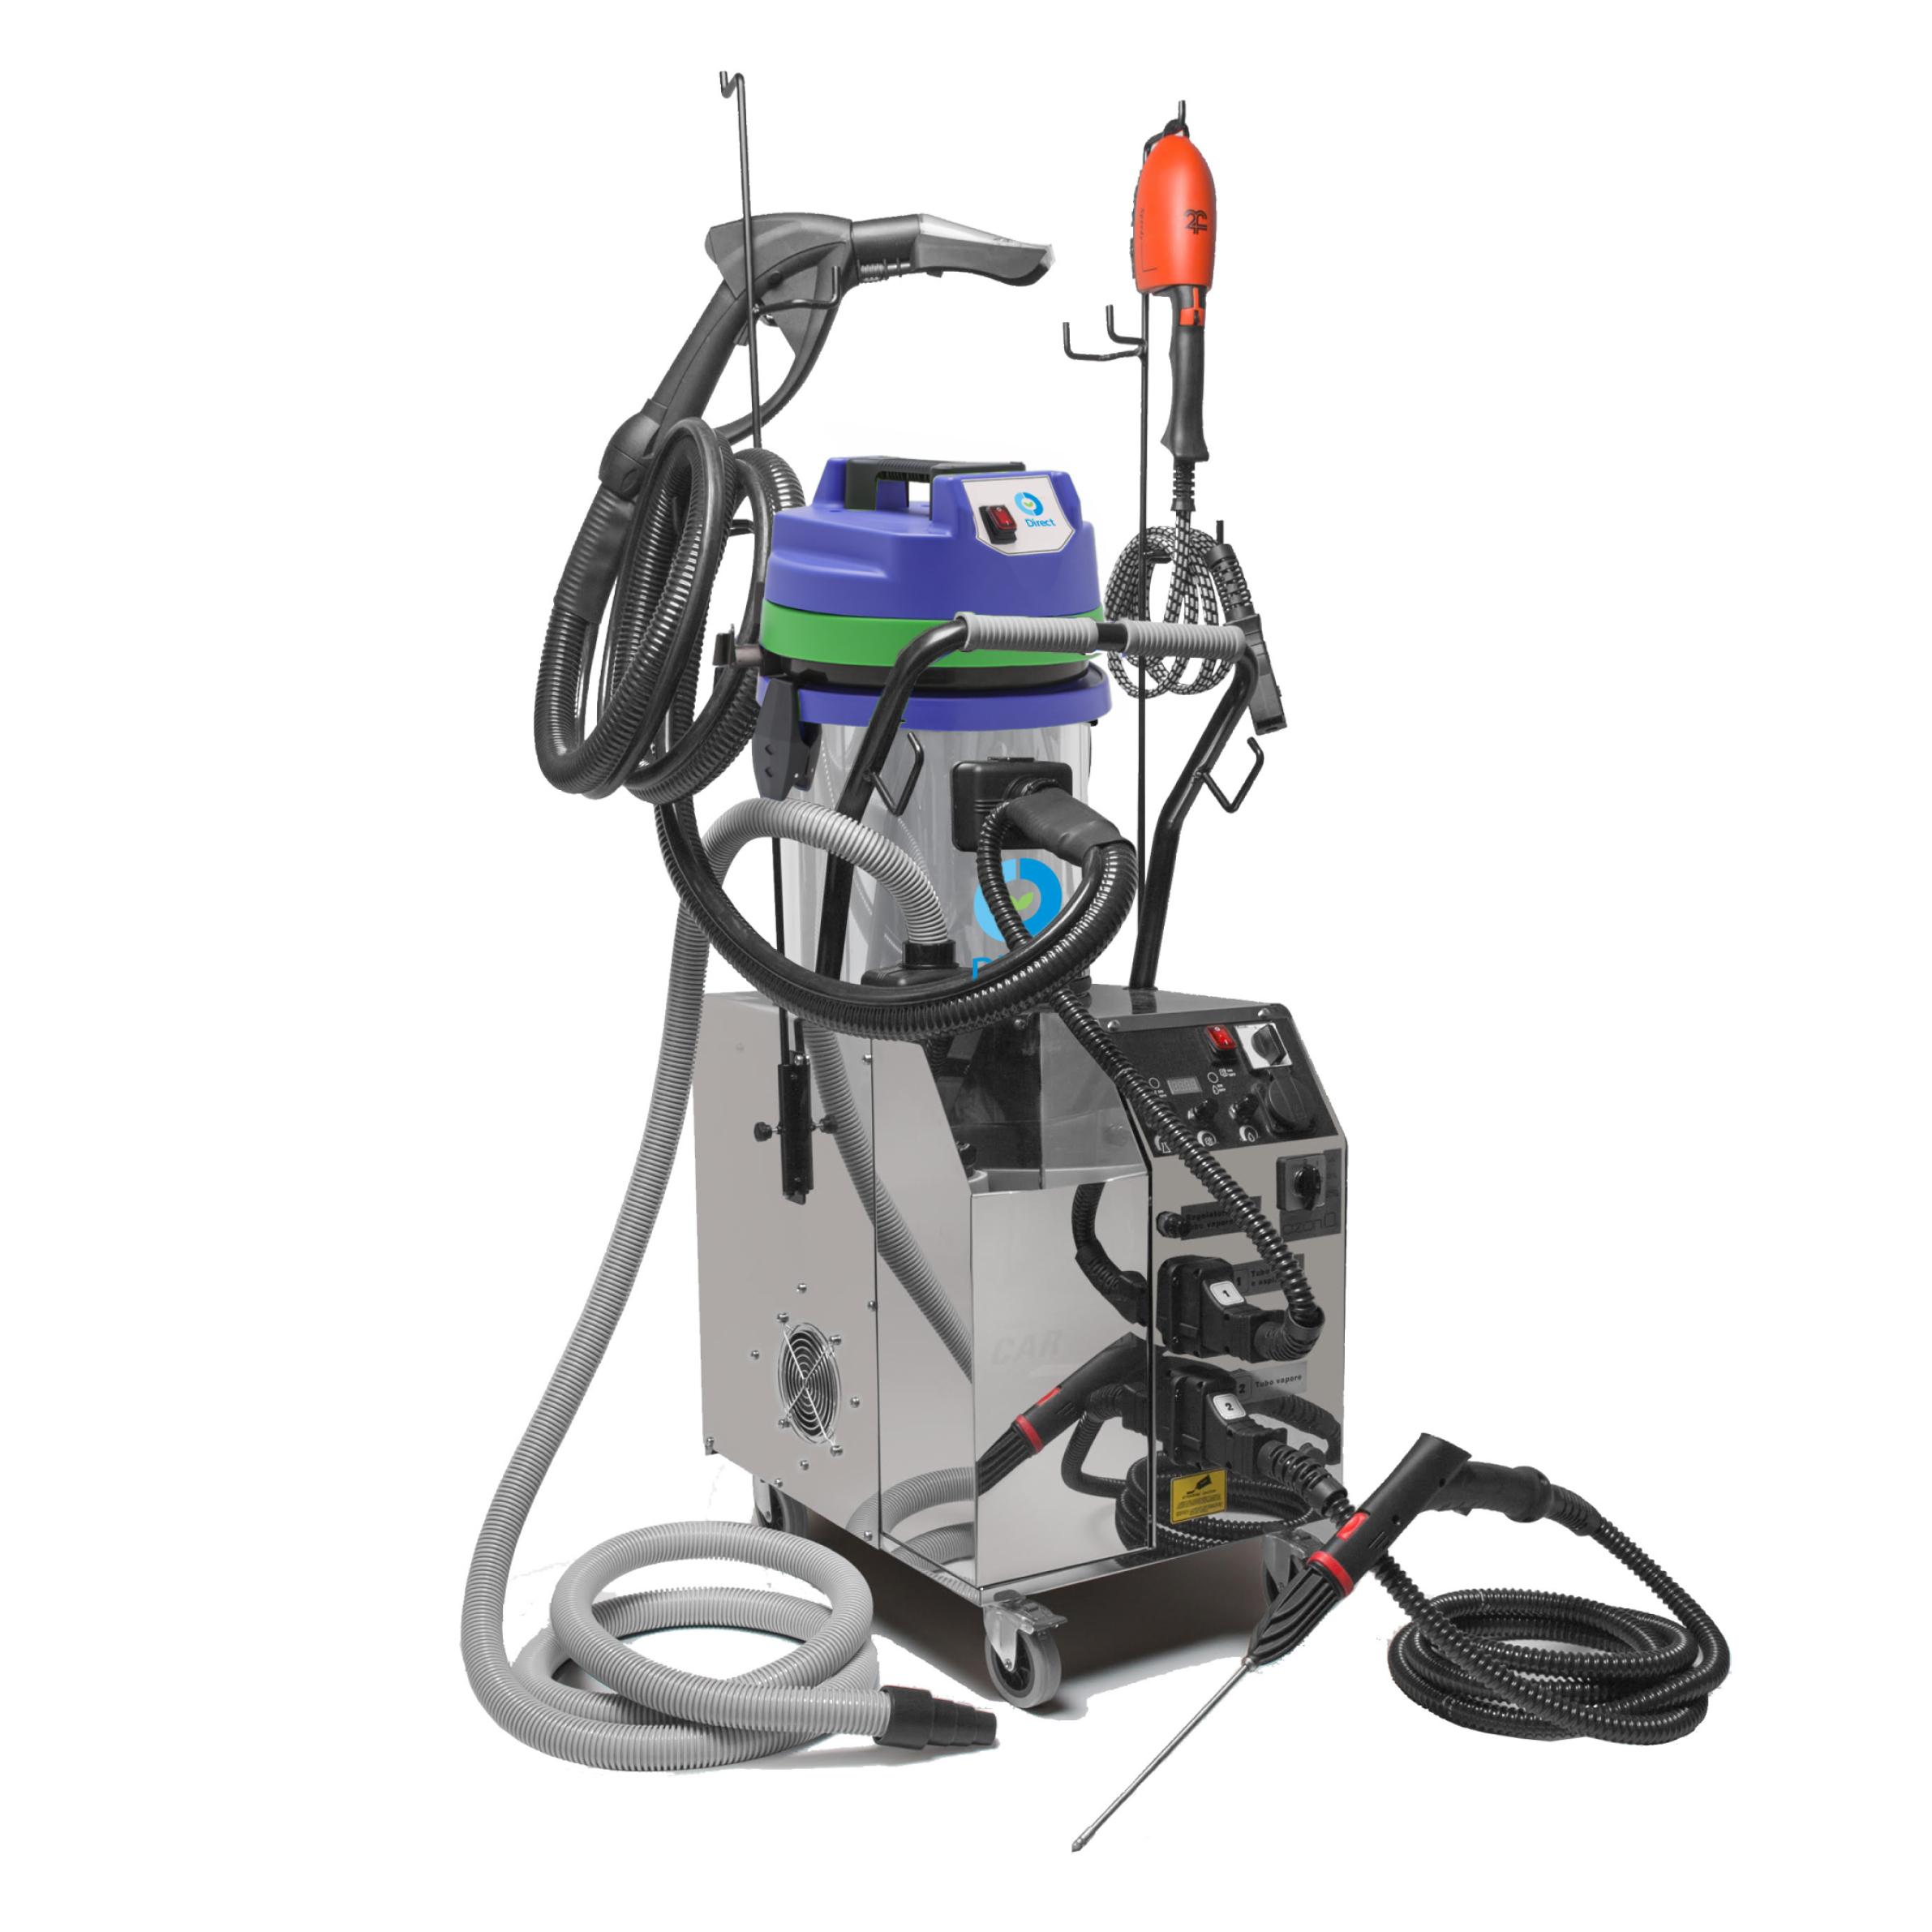 Macchinario Multifunzione mod. CLEAN 360 FULL 230v con gen.di vapore, aspiraliquidi 1400W e ozonizzatore